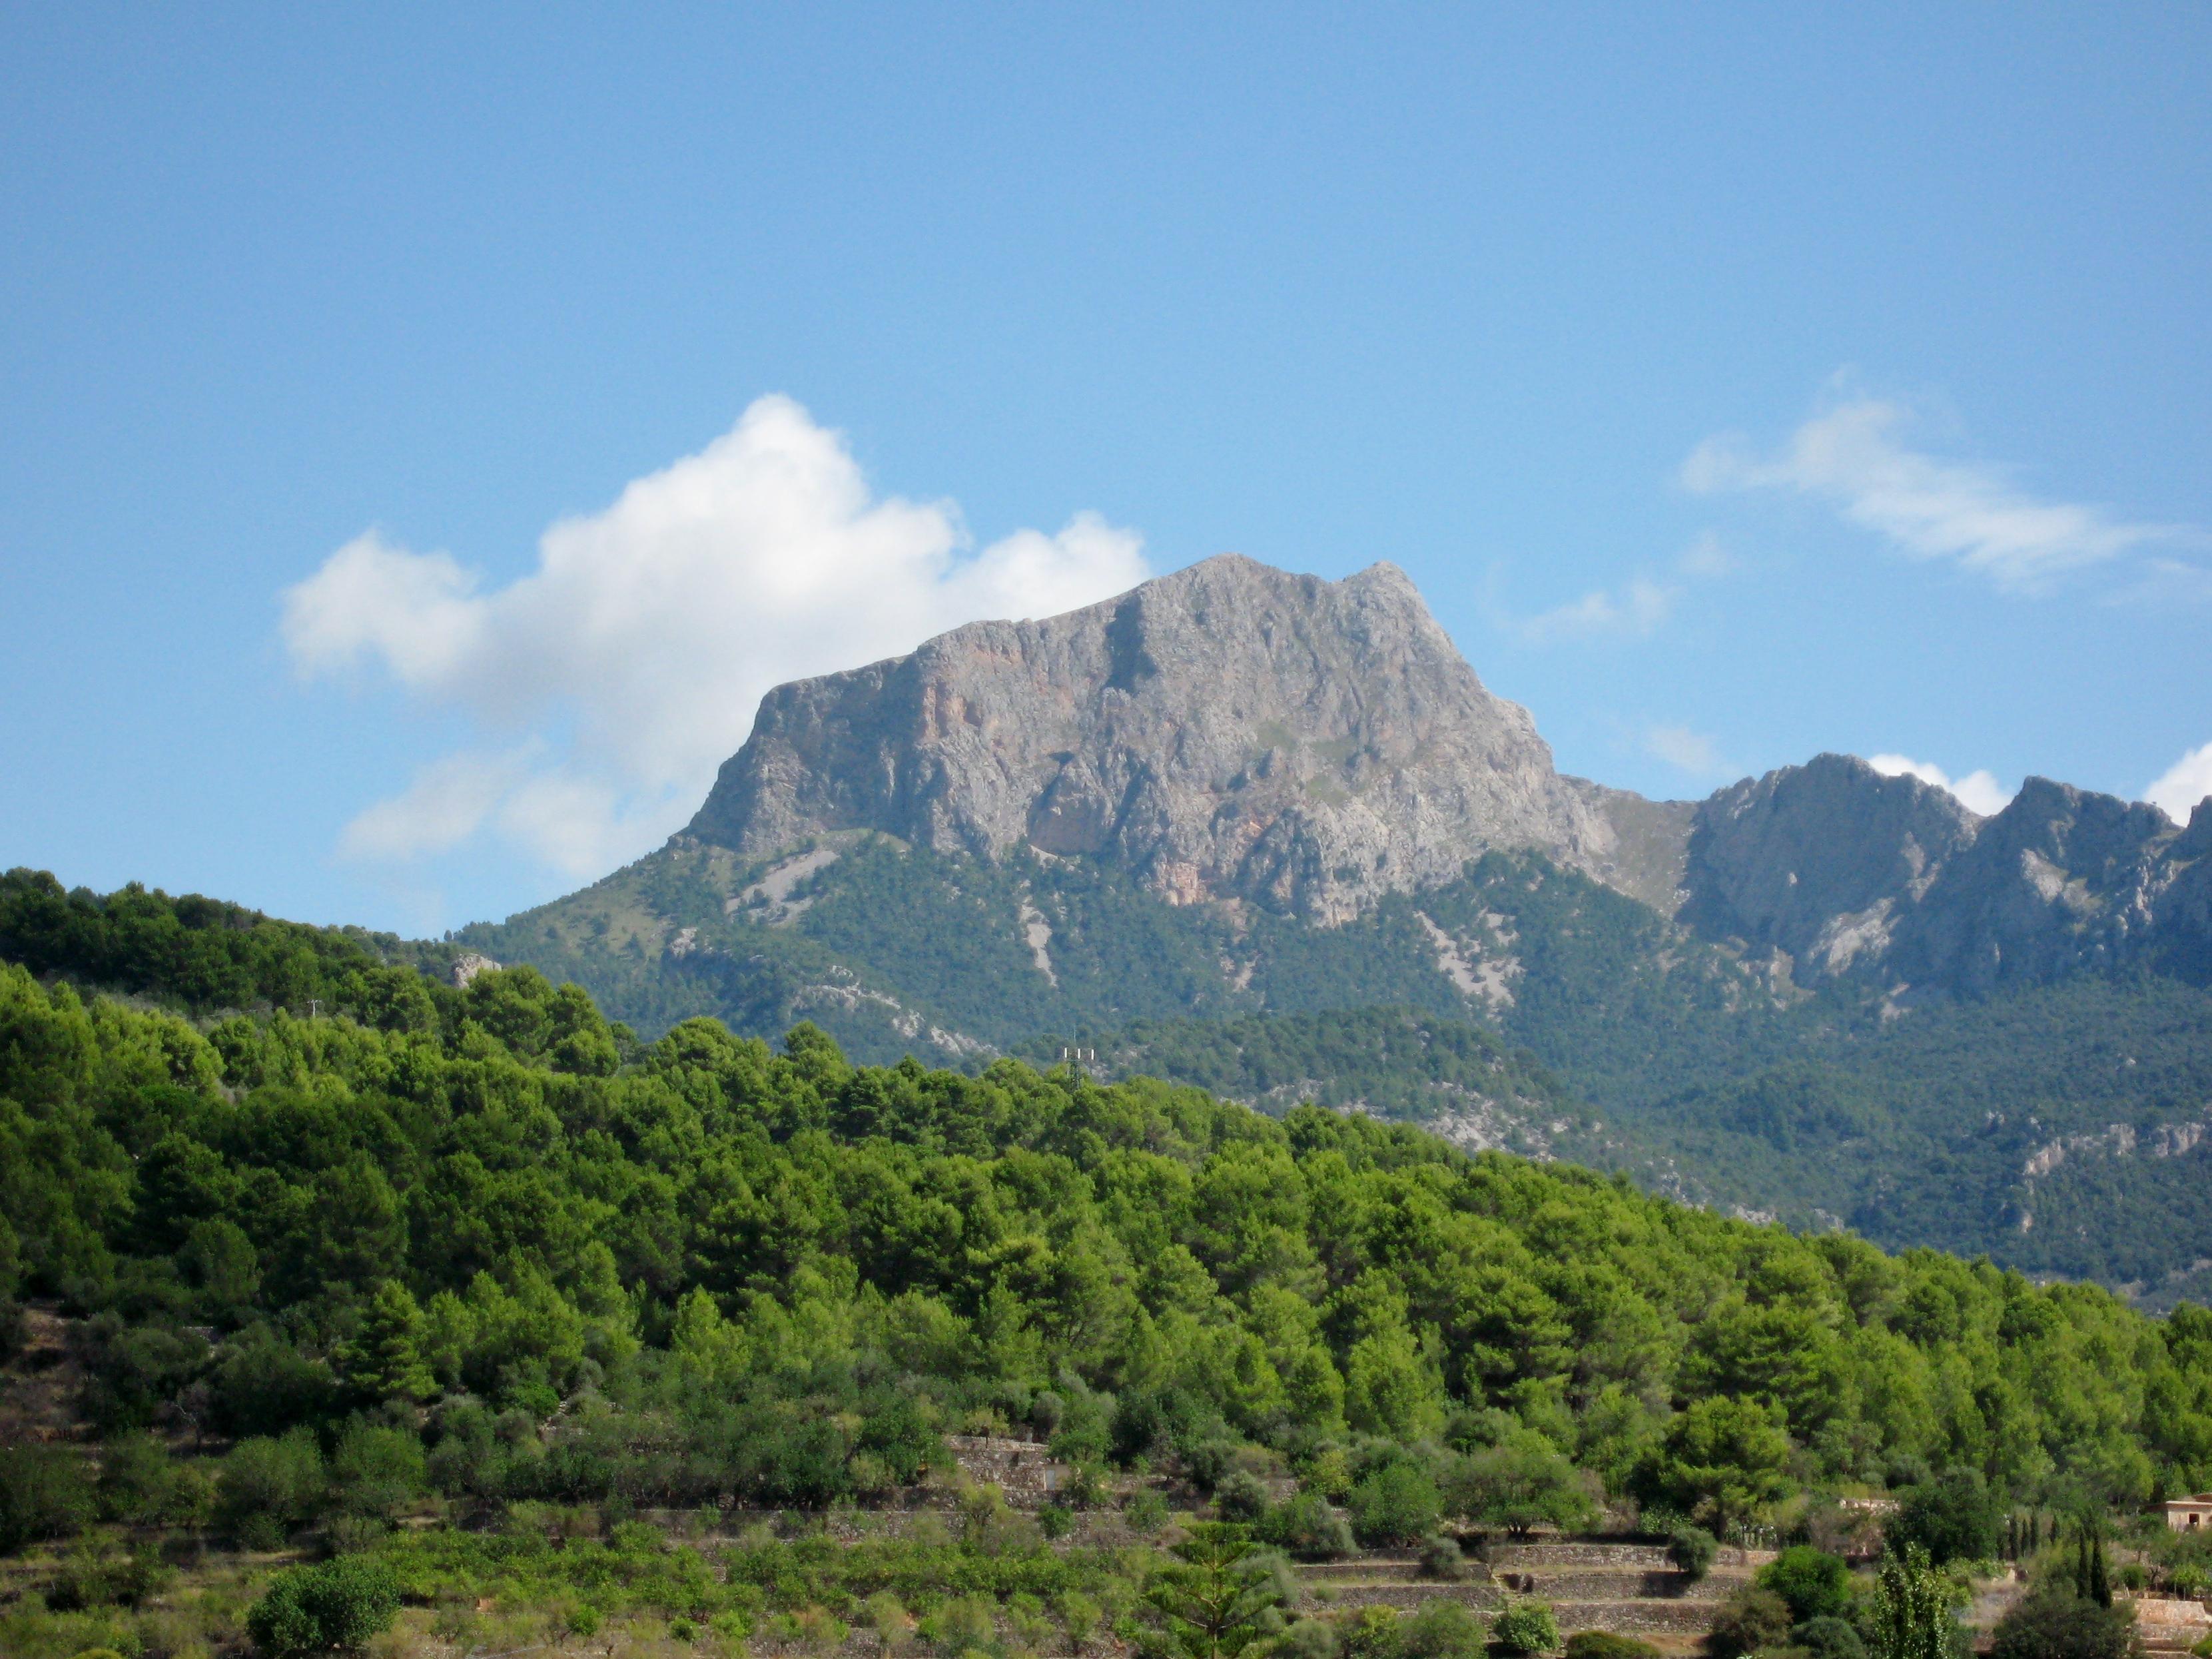 Puig Major von Sóller mit Penyal des Migdia im Vordergrund